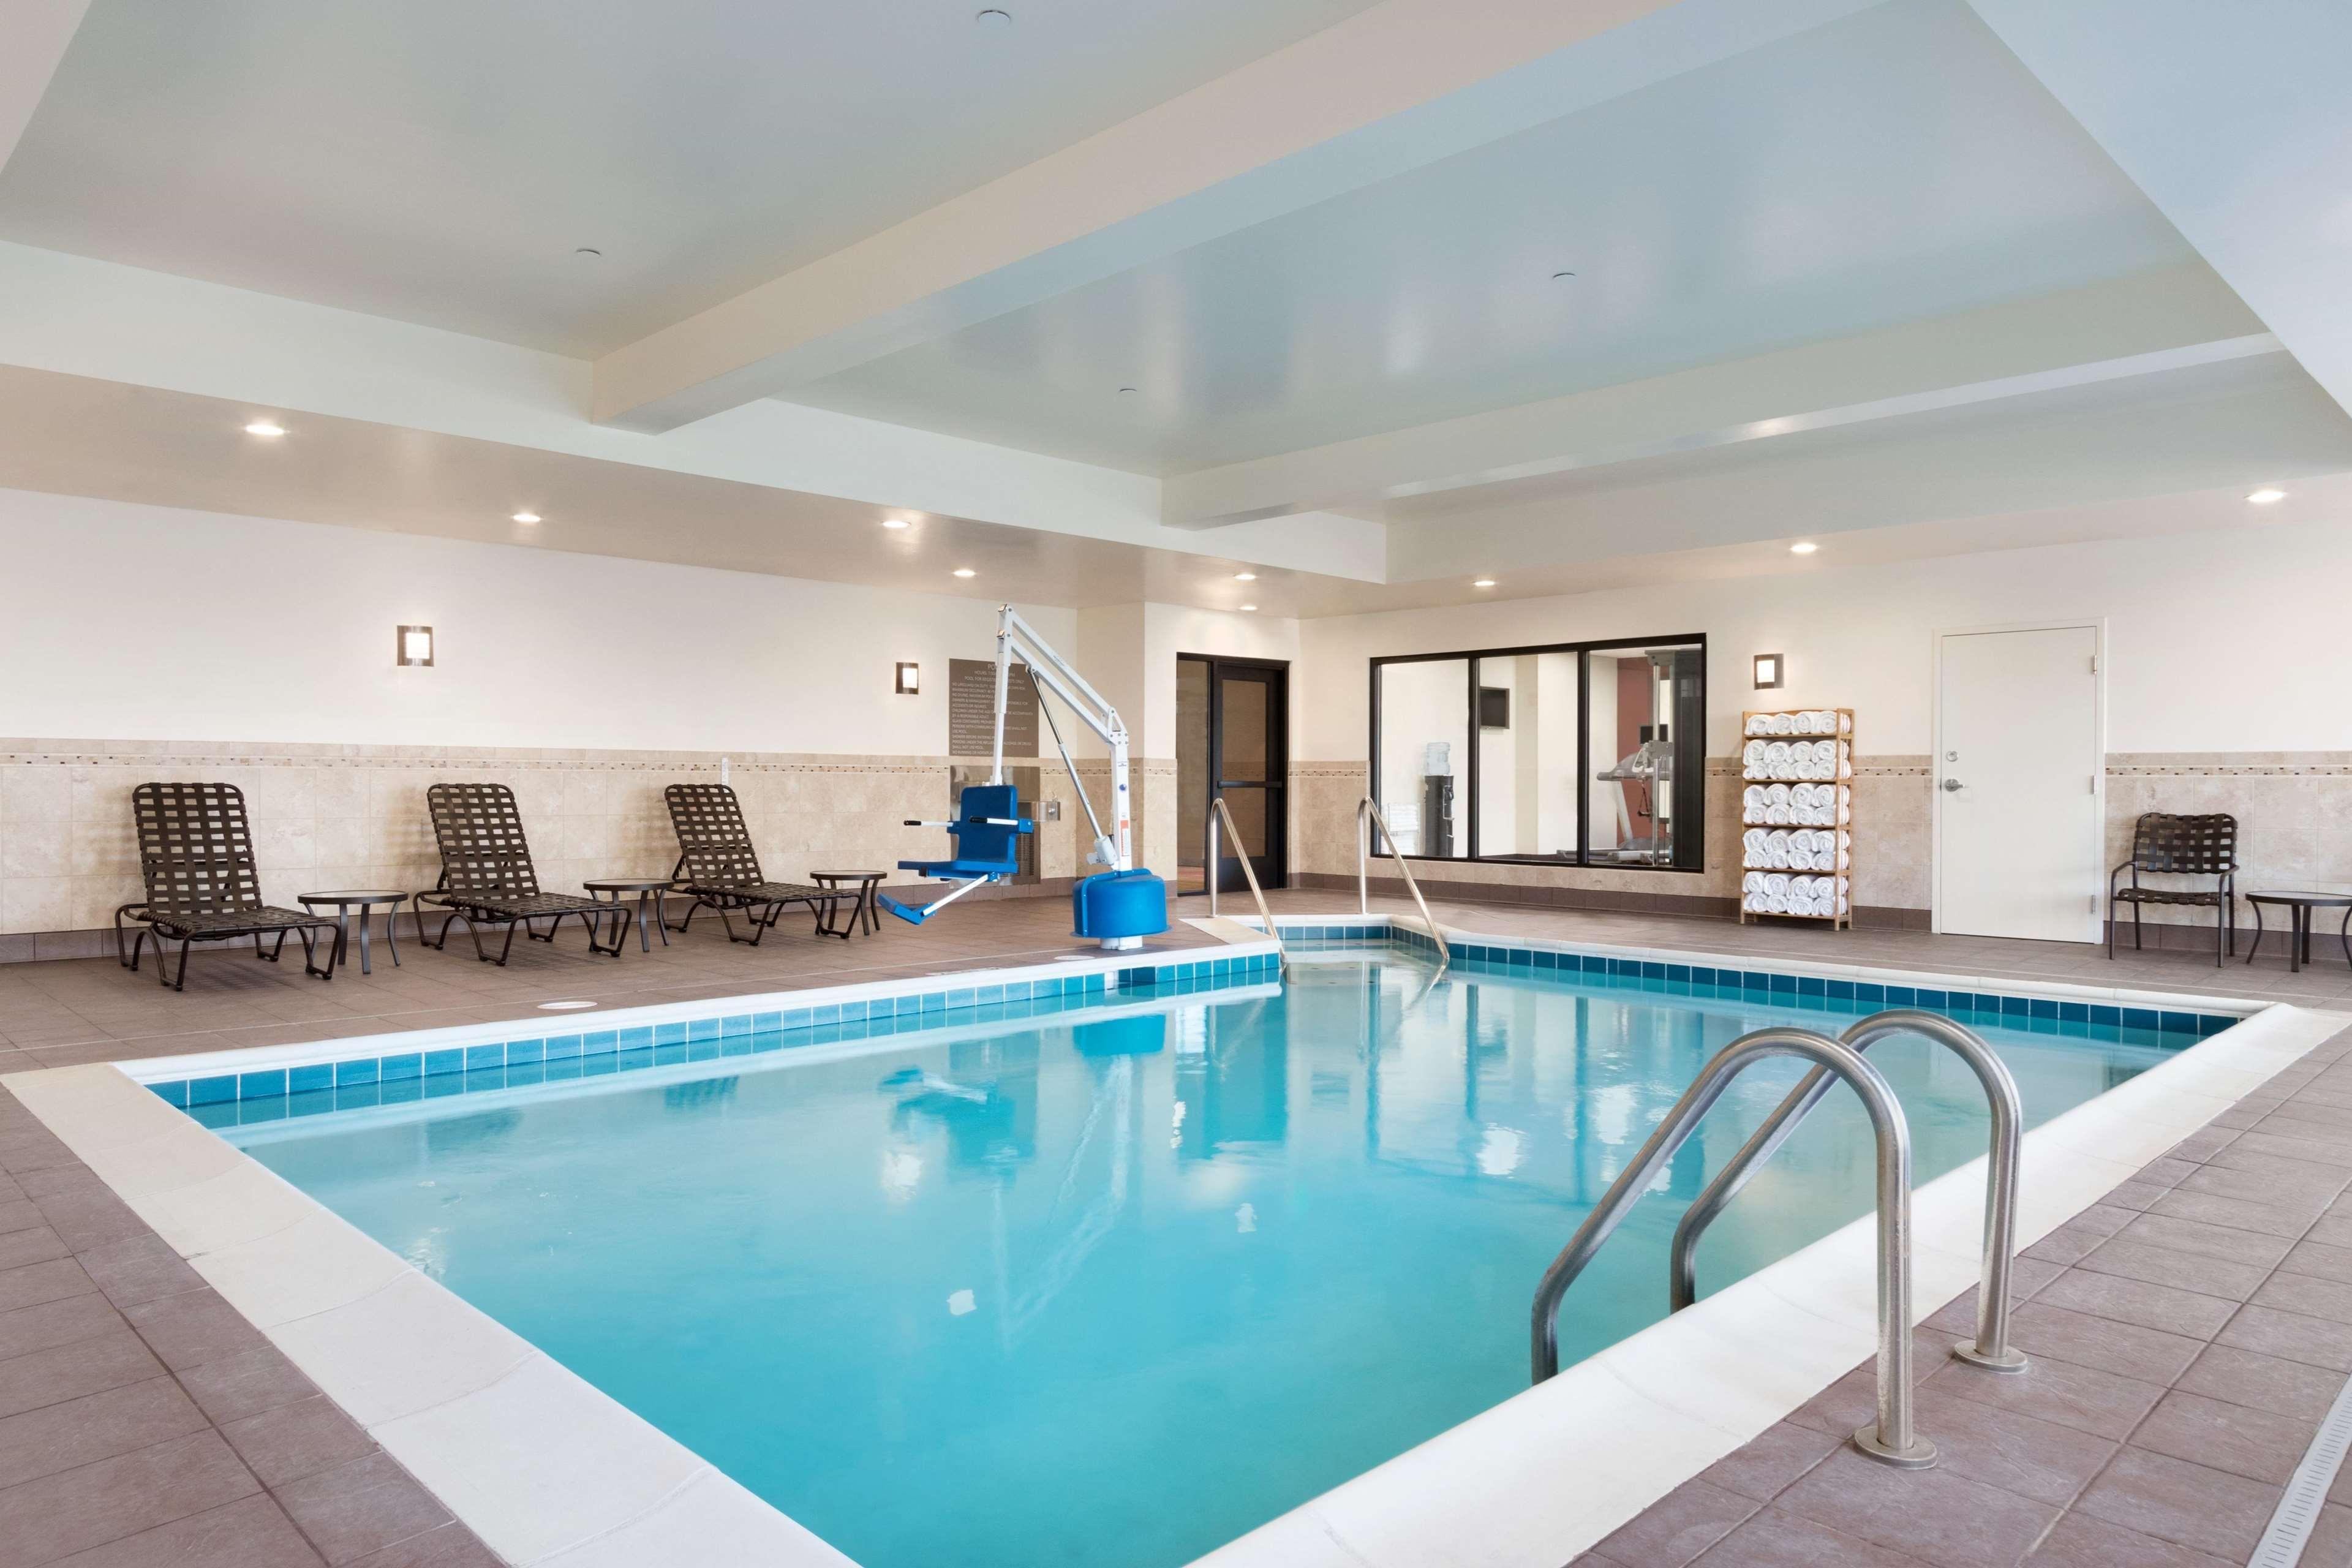 Hilton Garden Inn Medford image 6